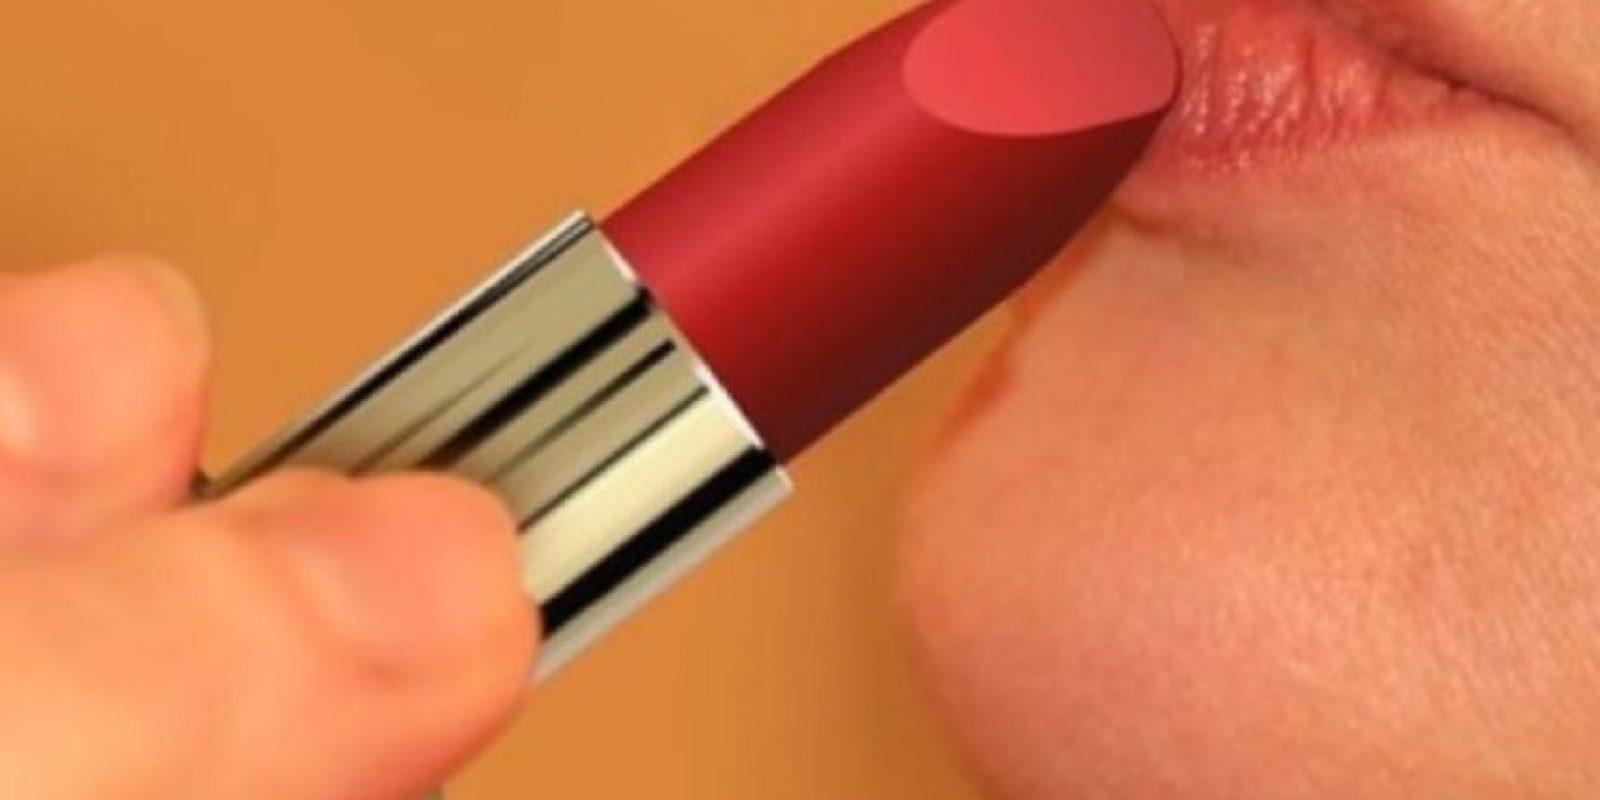 La exposición a los más altos niveles de ftalatos condujo a una disminución de las puntuaciones de CI a los siete años Foto:Pixabay